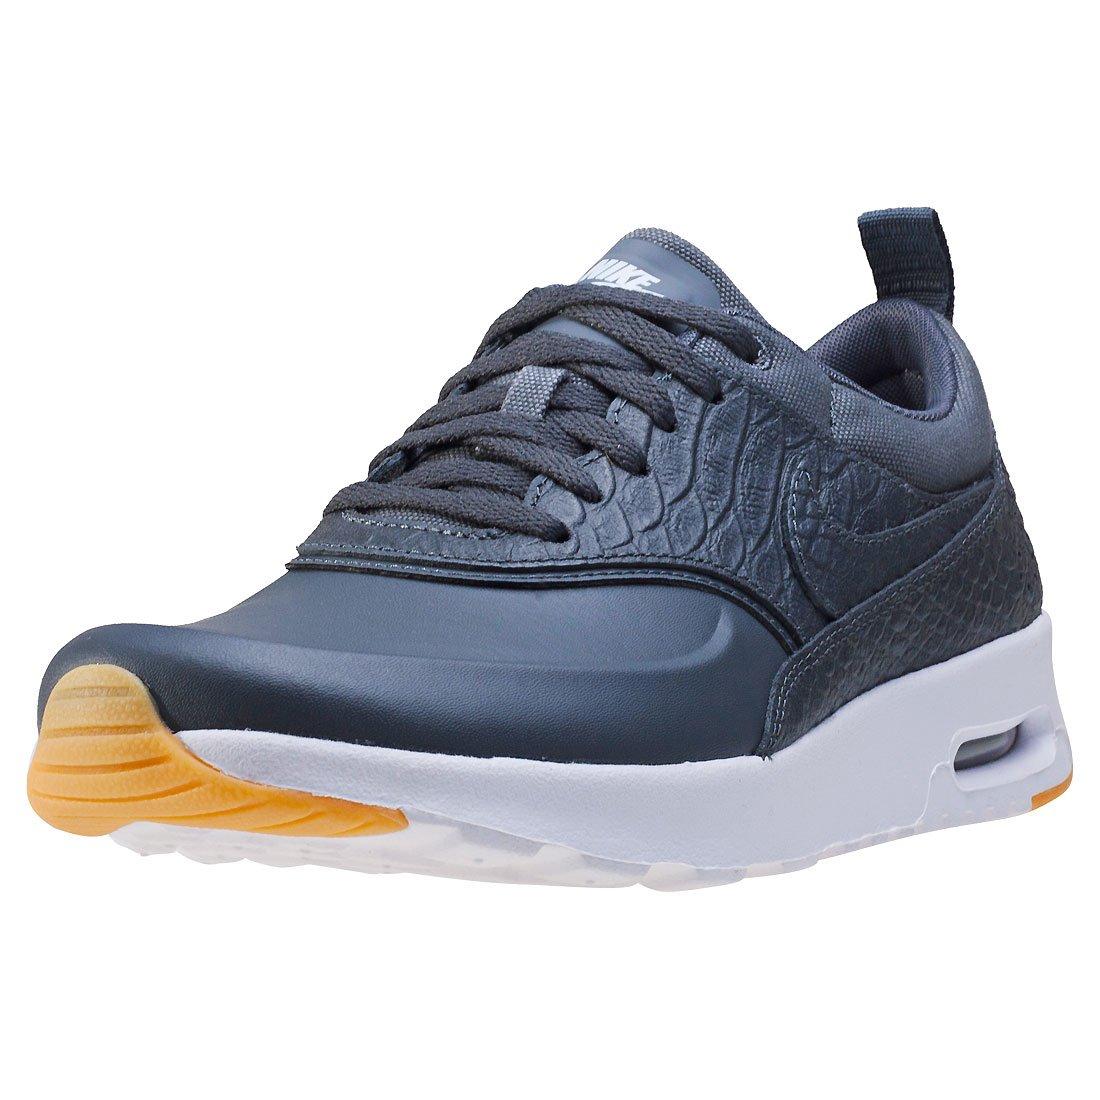 cheap for discount e4b8c a864c Nike Air Max Thea Premium, Womens Trainers